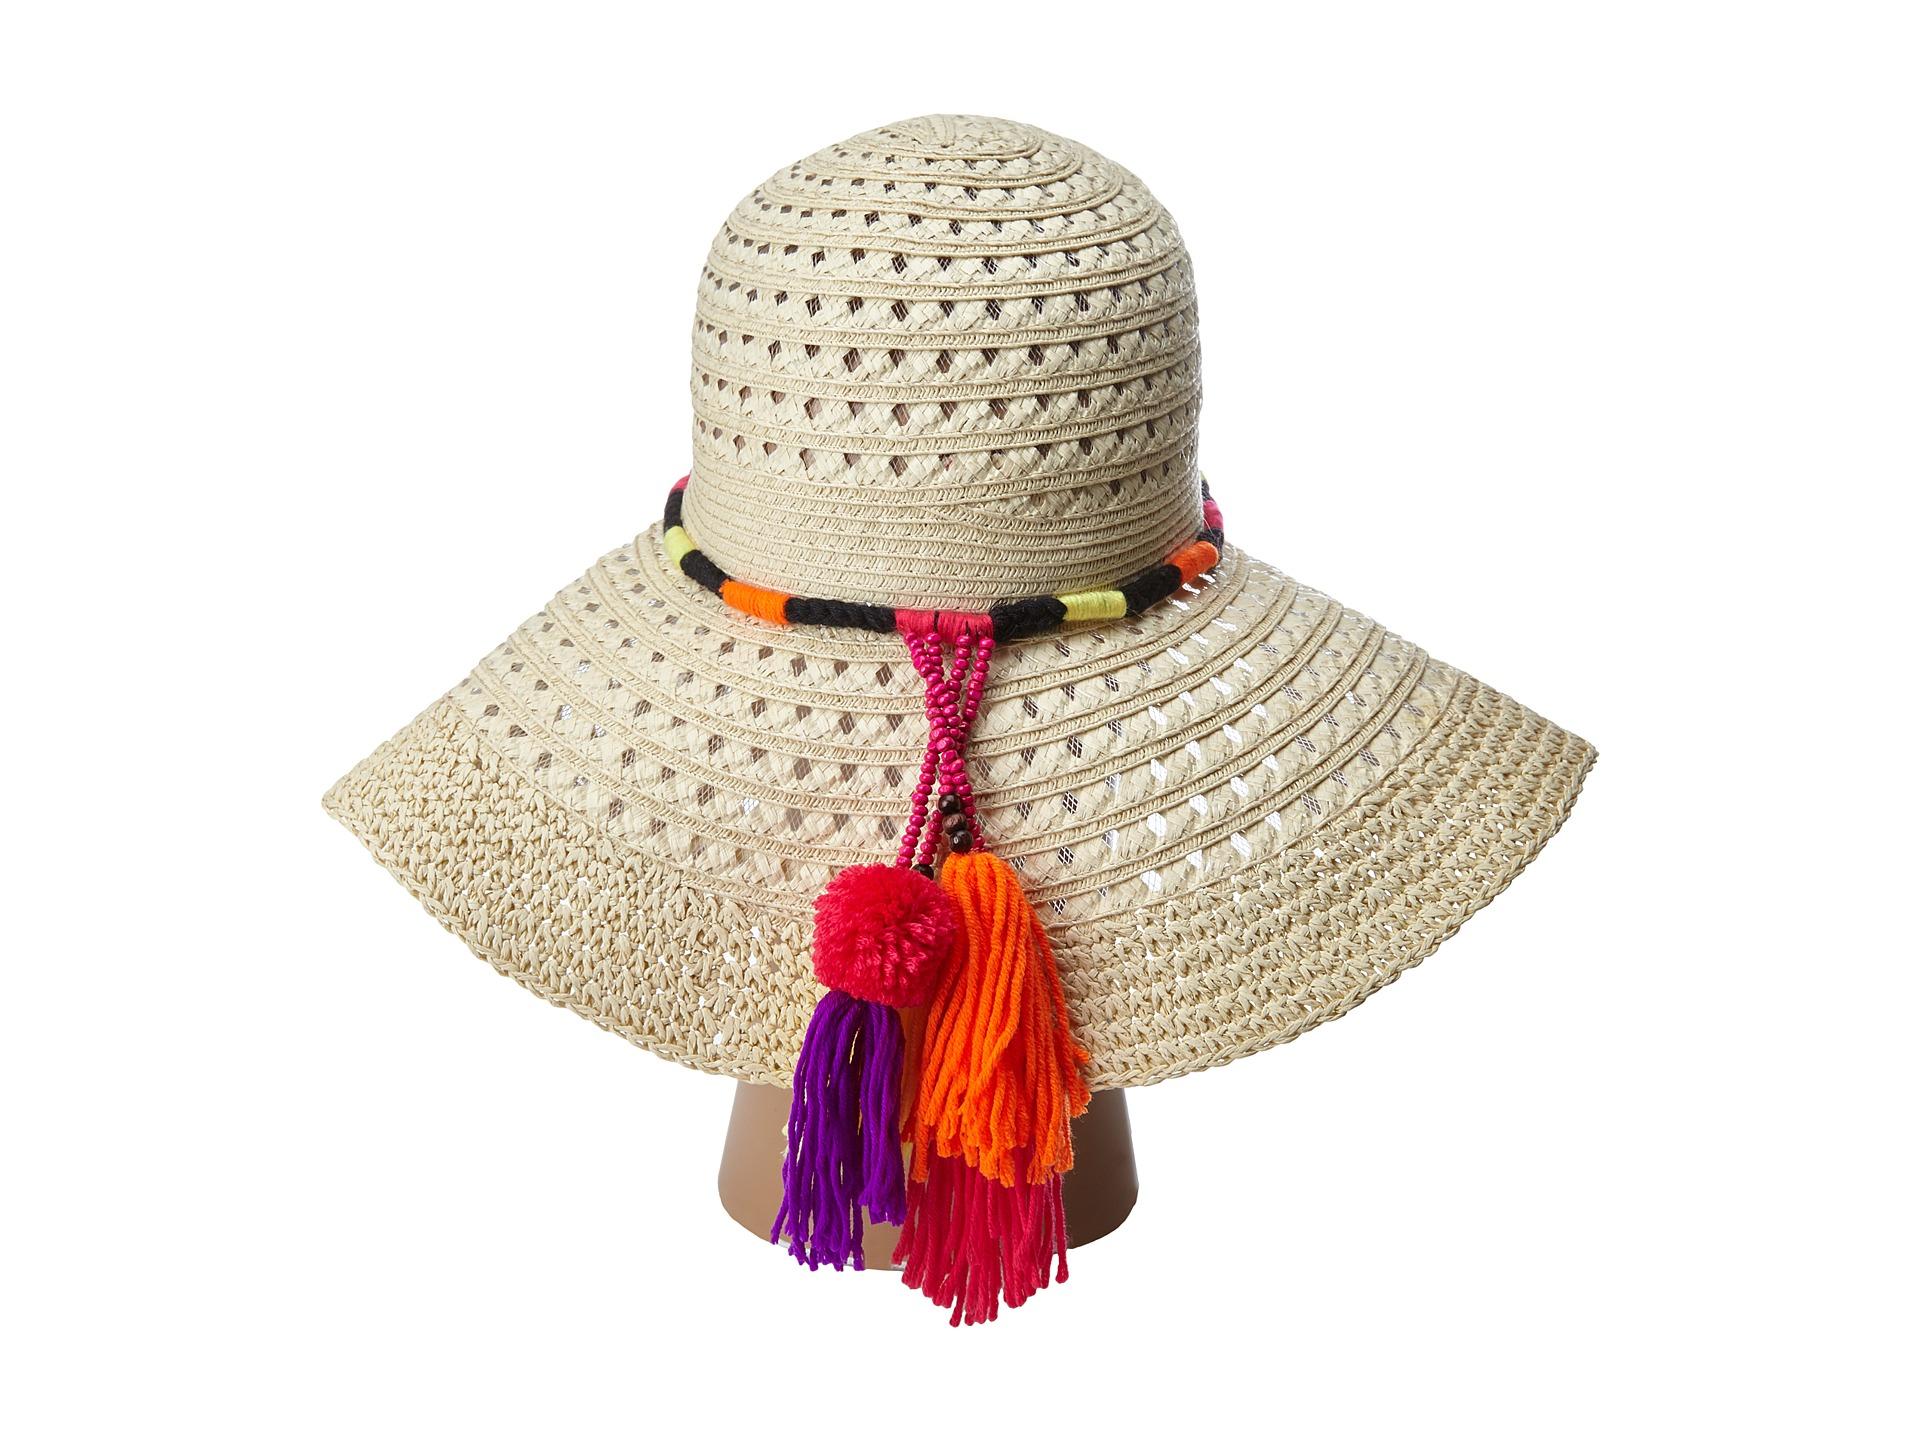 aceab044 Betsey Johnson Floppy Straw Hat With Pom Pom Tassels - Lyst